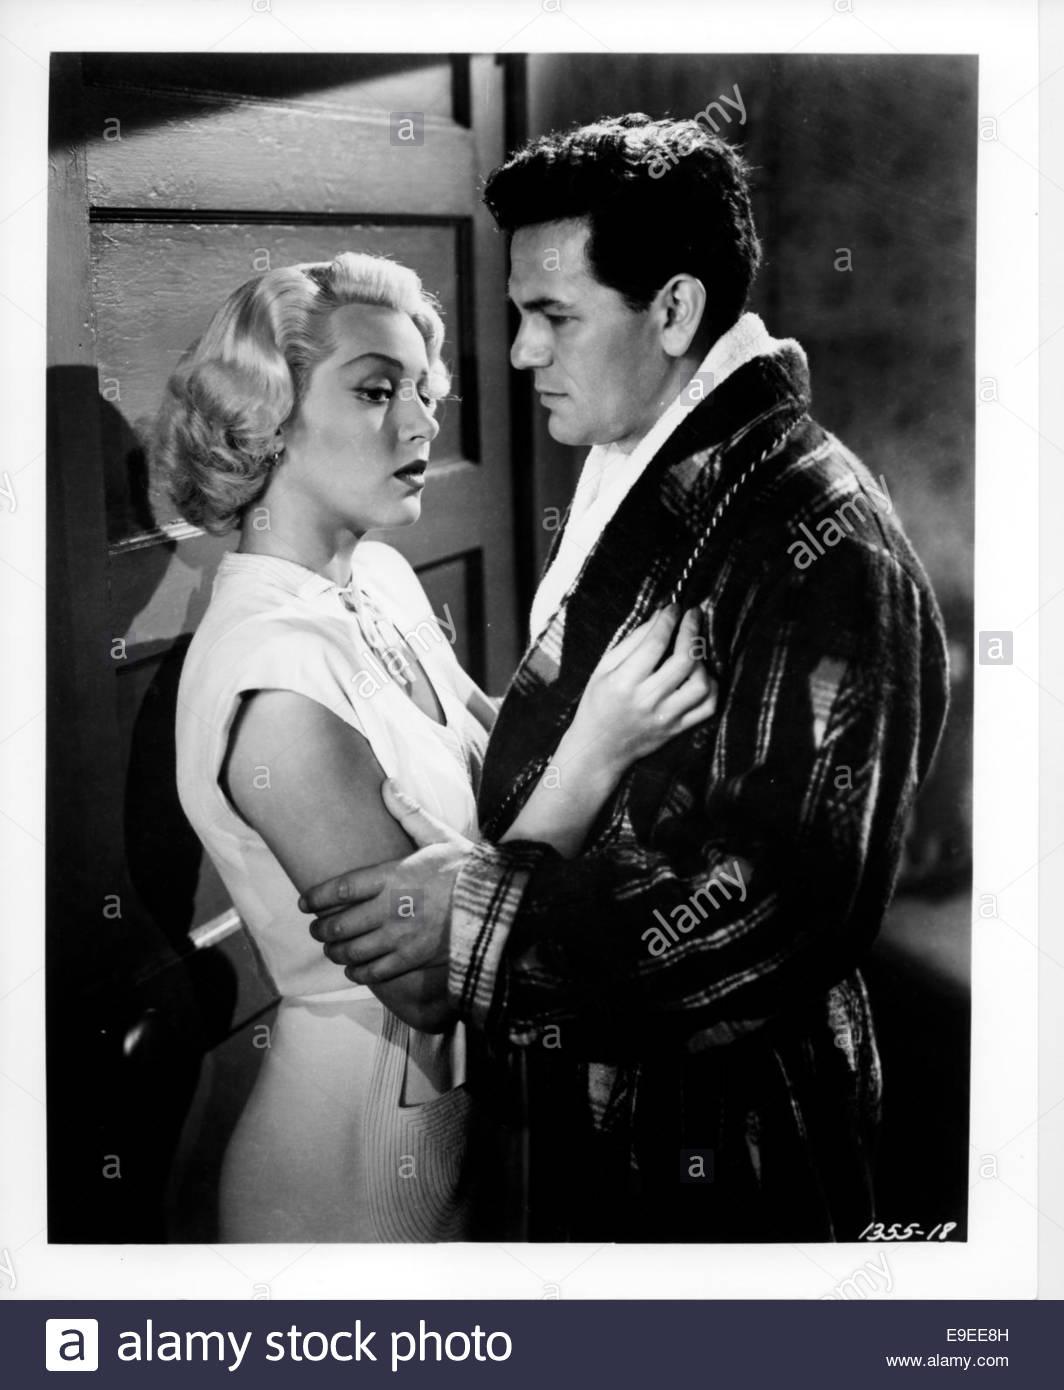 Il postino anelli sempre due volte (1946) - Lana Turner e John Garfield. Immagini Stock